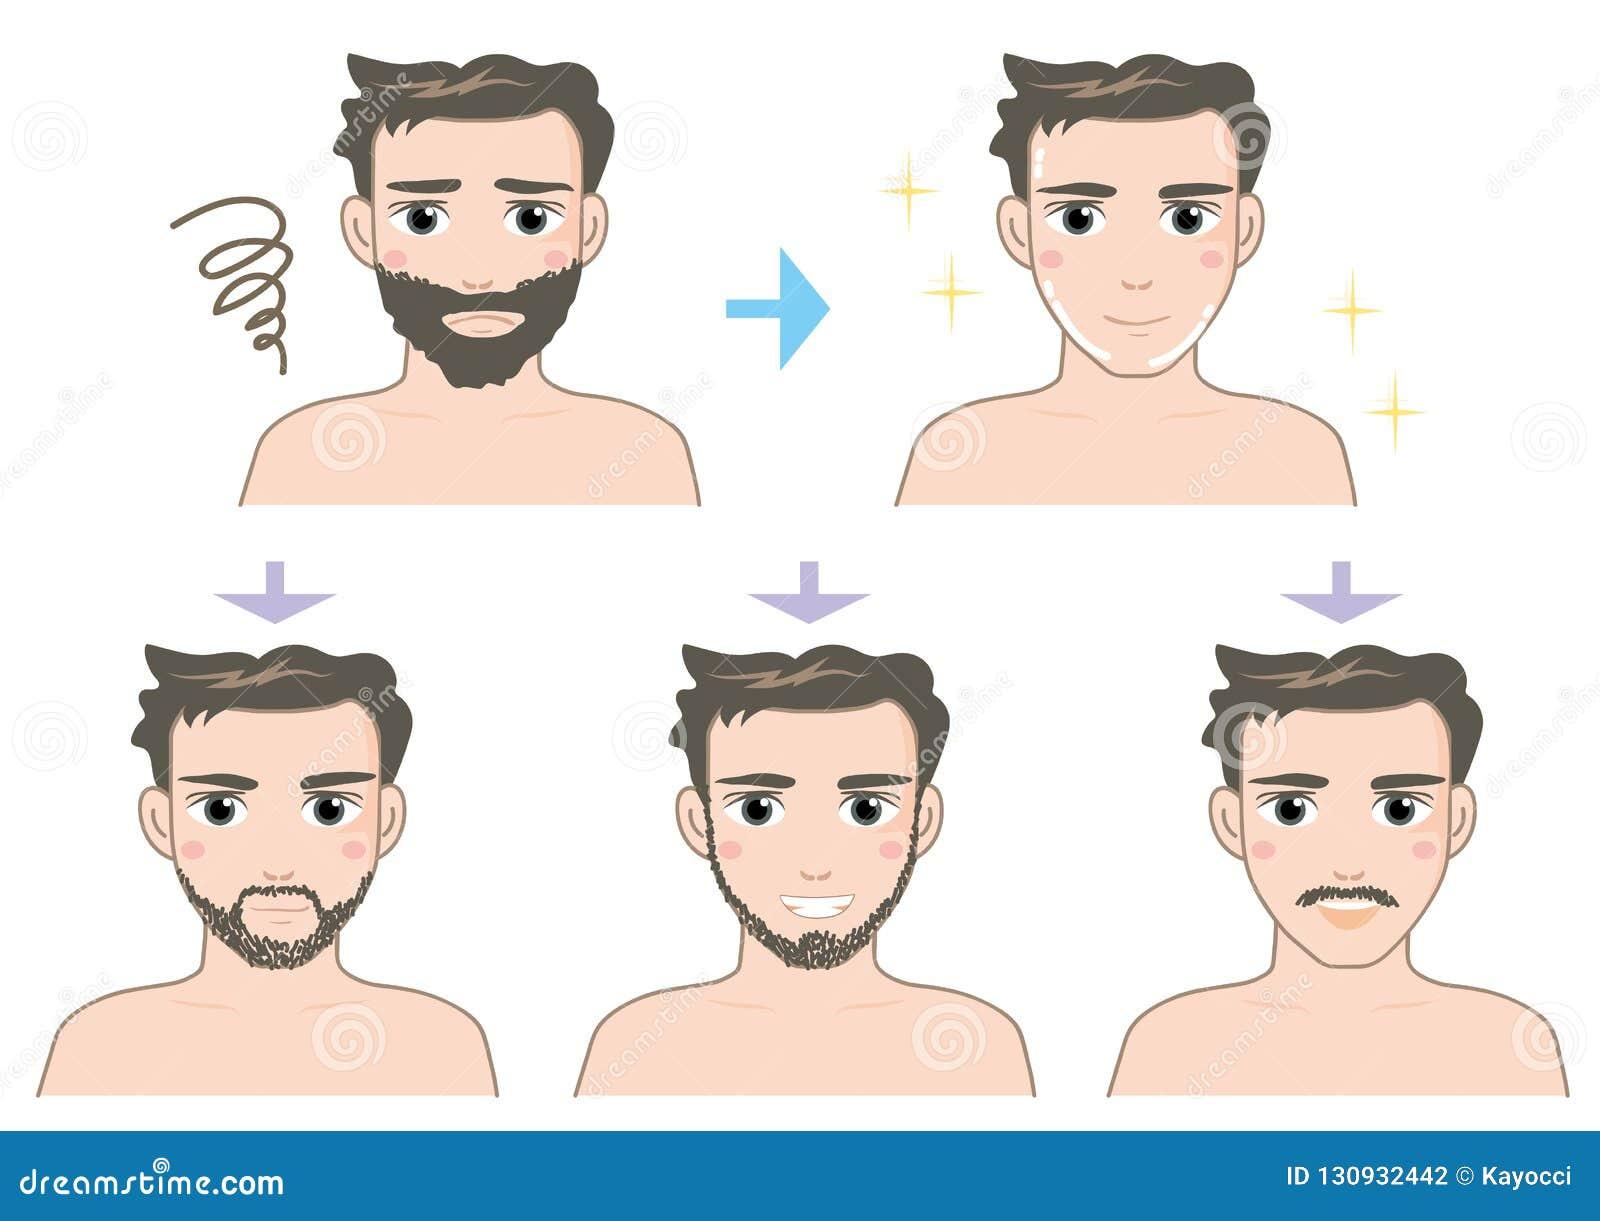 Mäns skönhet - skägg - före och efter